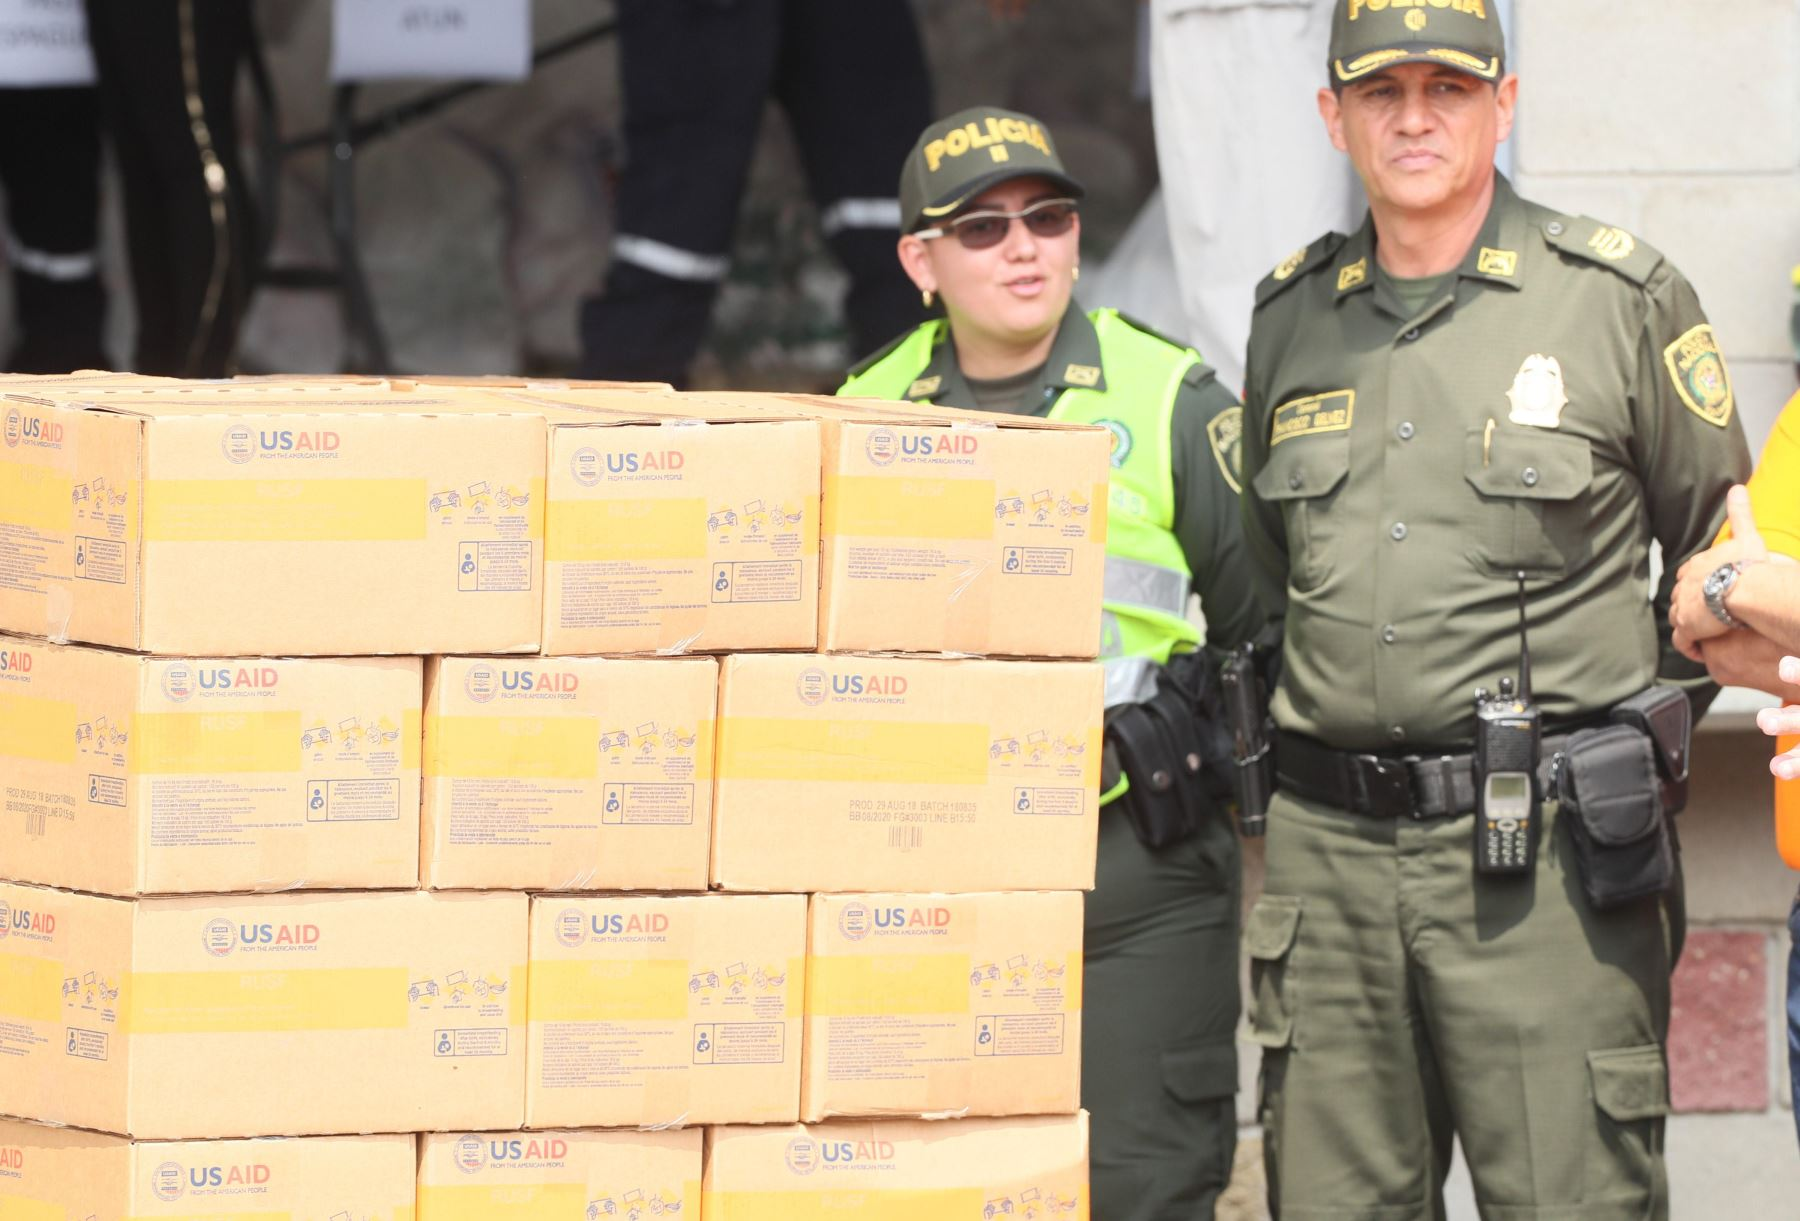 Miembros de la policía de Colombia custodian el cargamento con la ayuda humanitaria para Venezuela este viernes, en un centro de acopio dispuesto en el puente internacional de Tienditas, en Cúcuta (Colombia). EFE